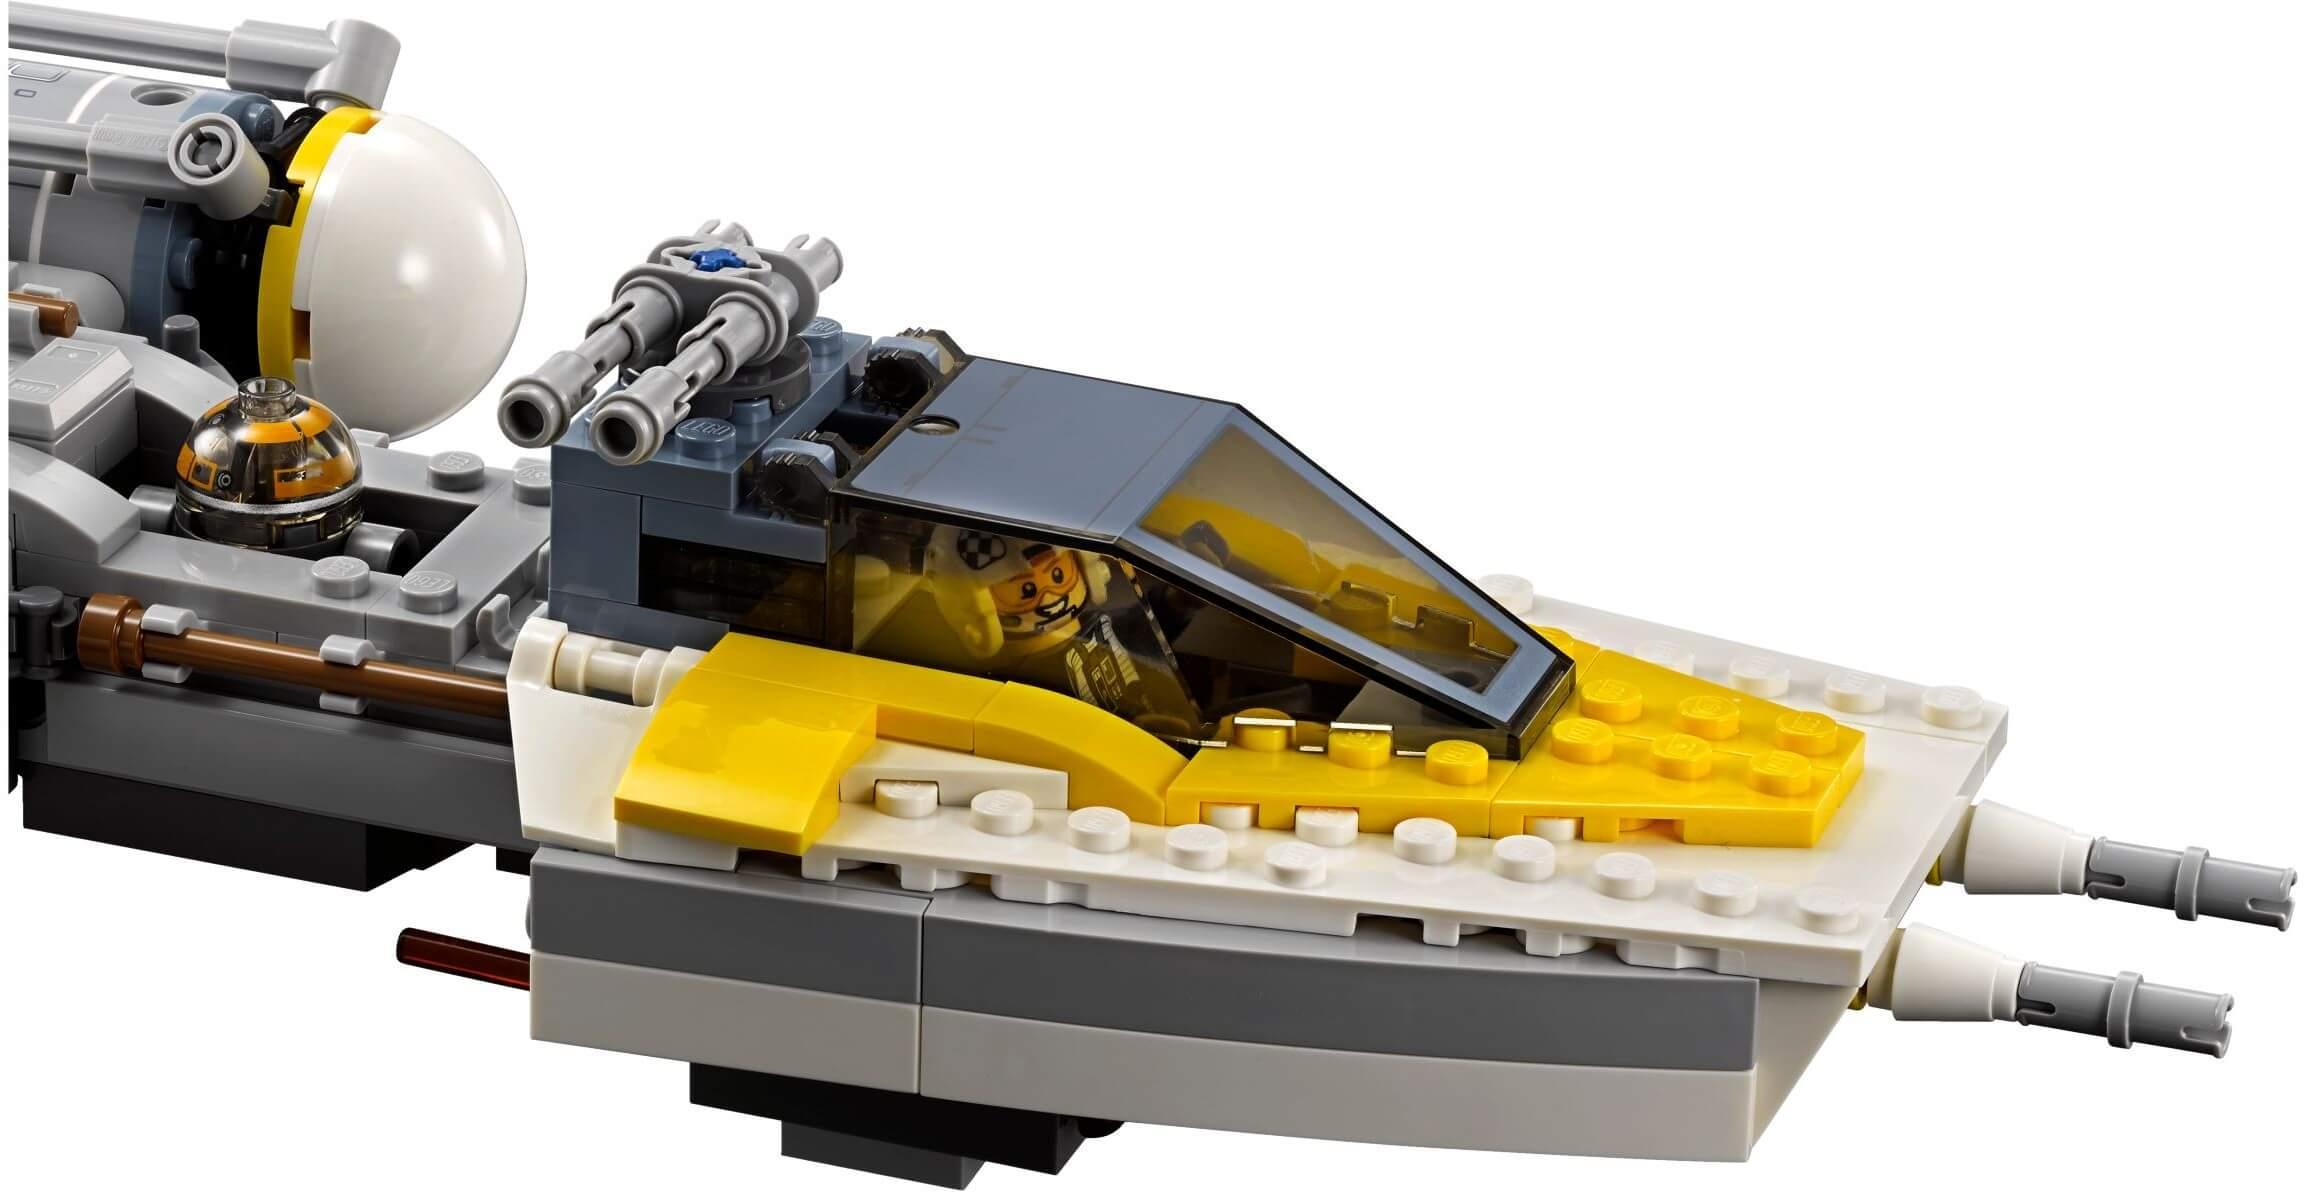 Mua đồ chơi LEGO 75172 - LEGO Star Wars 75172 - Phi Thuyền Y-Wing Starfighter (LEGO 75172 Y-Wing Starfighter)